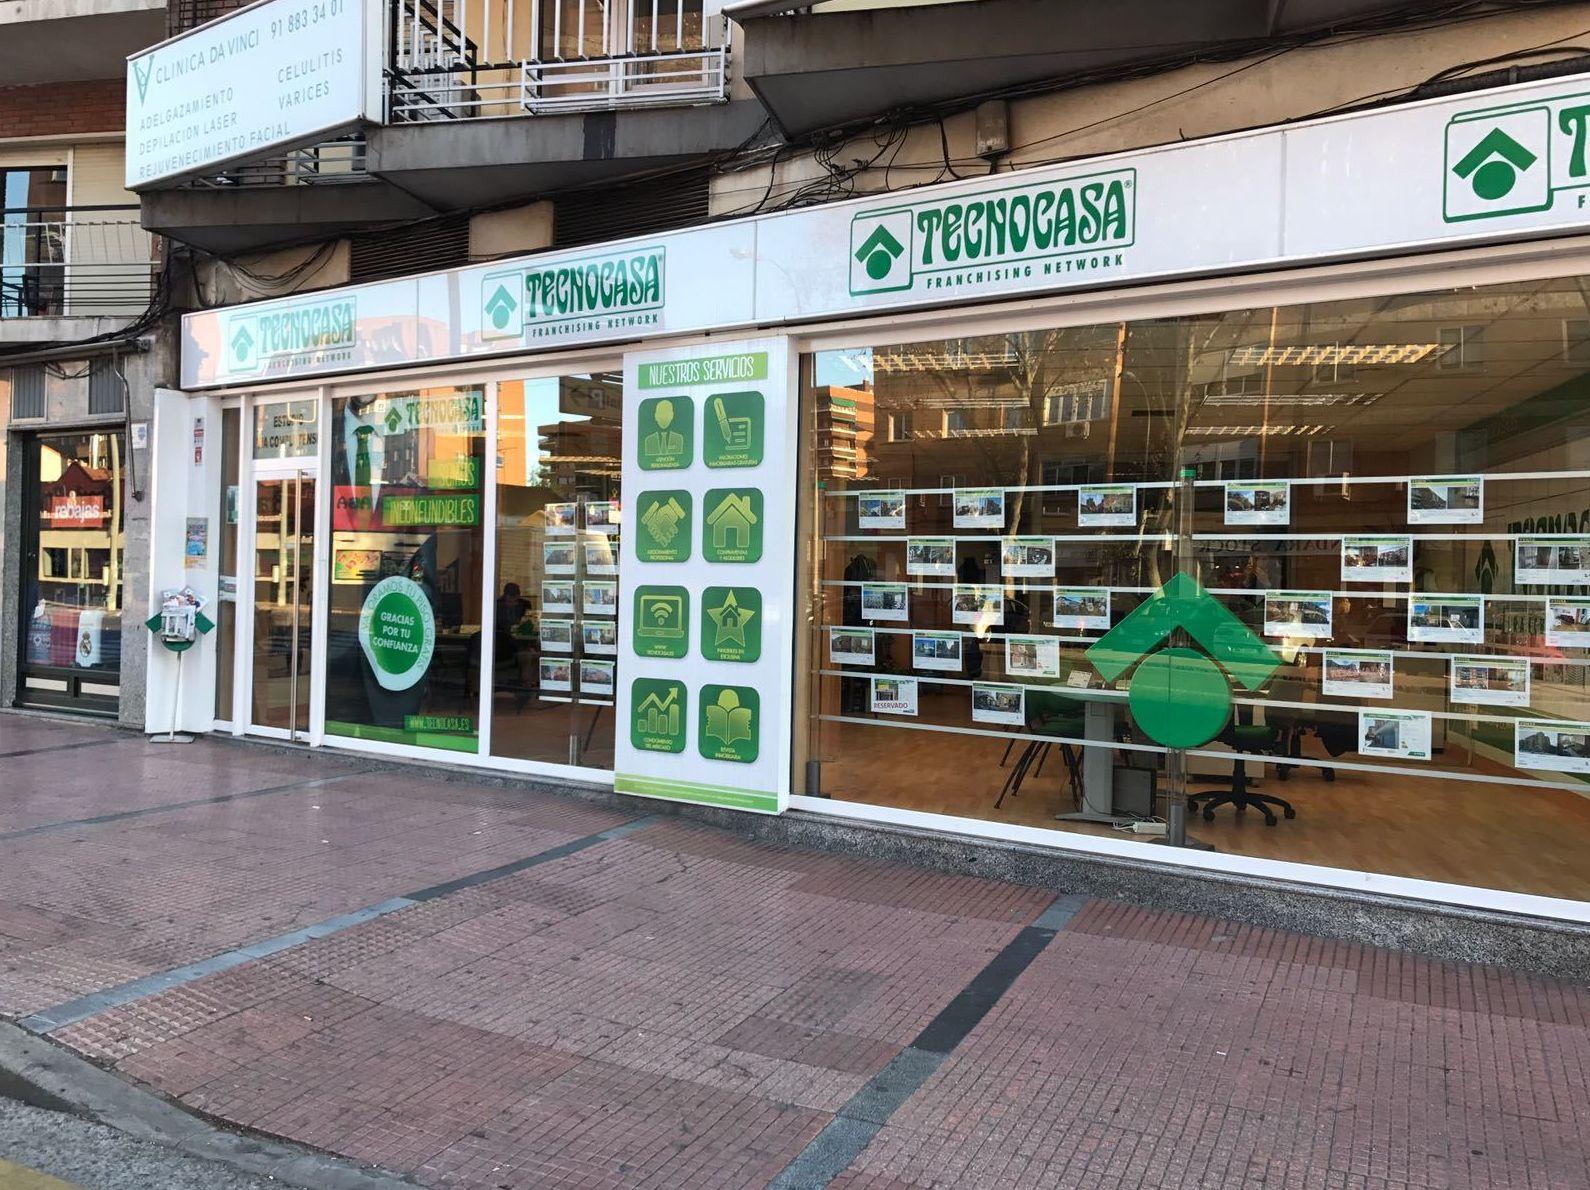 Foto 21 de Inmobiliaria en Alcalá de Henares | Tecnocasa Alcalá de Henares